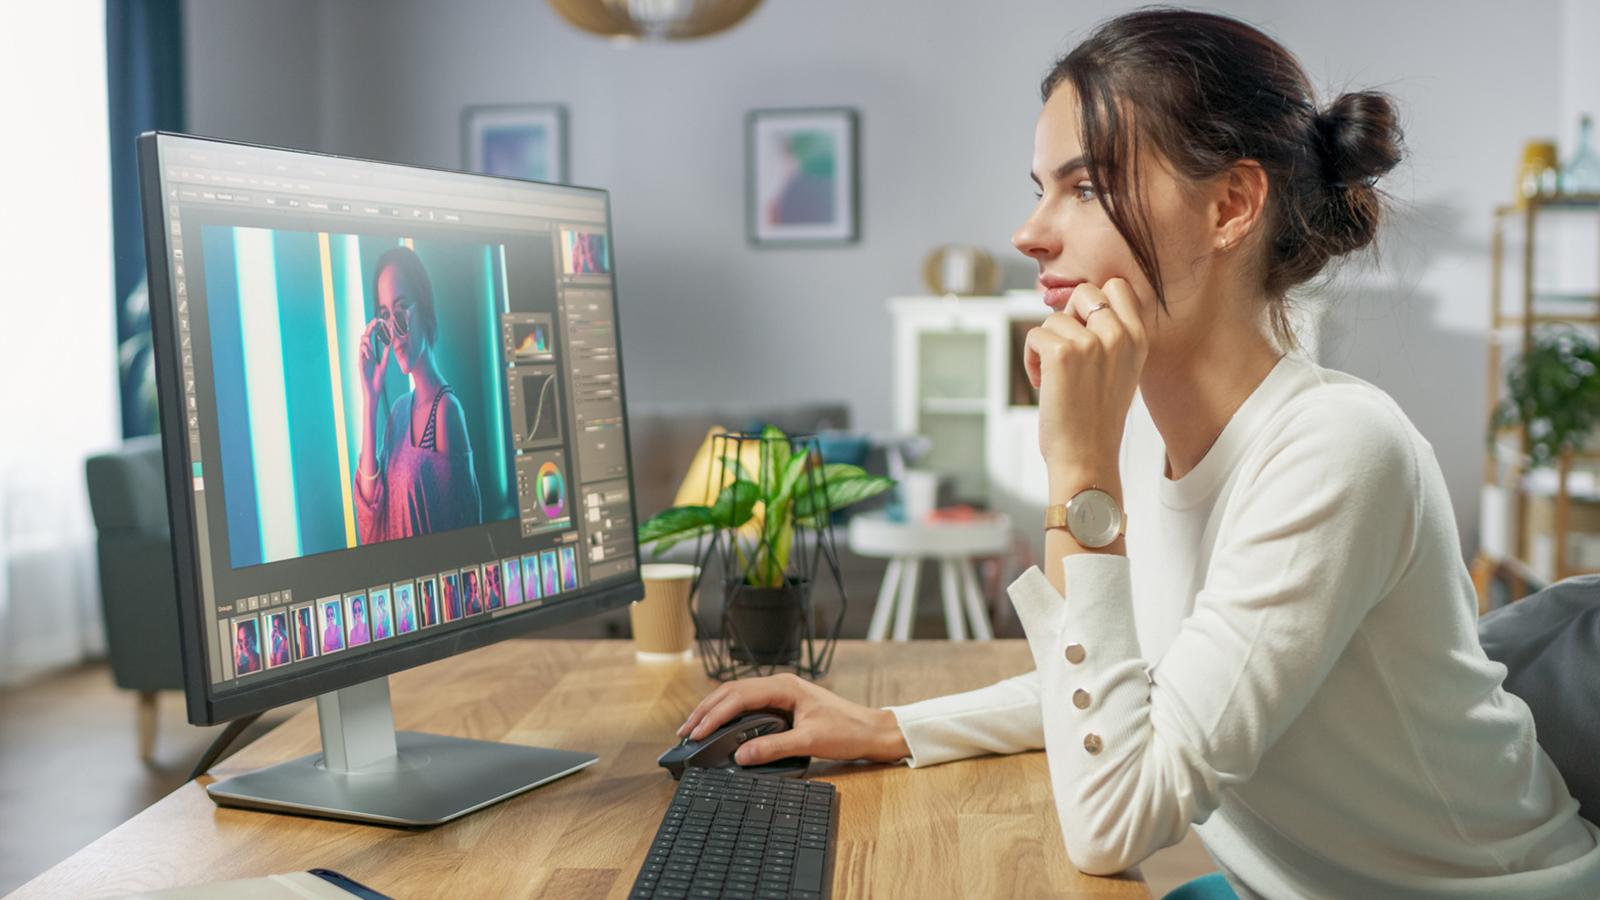 pénzt keresni a számítógép segítségével